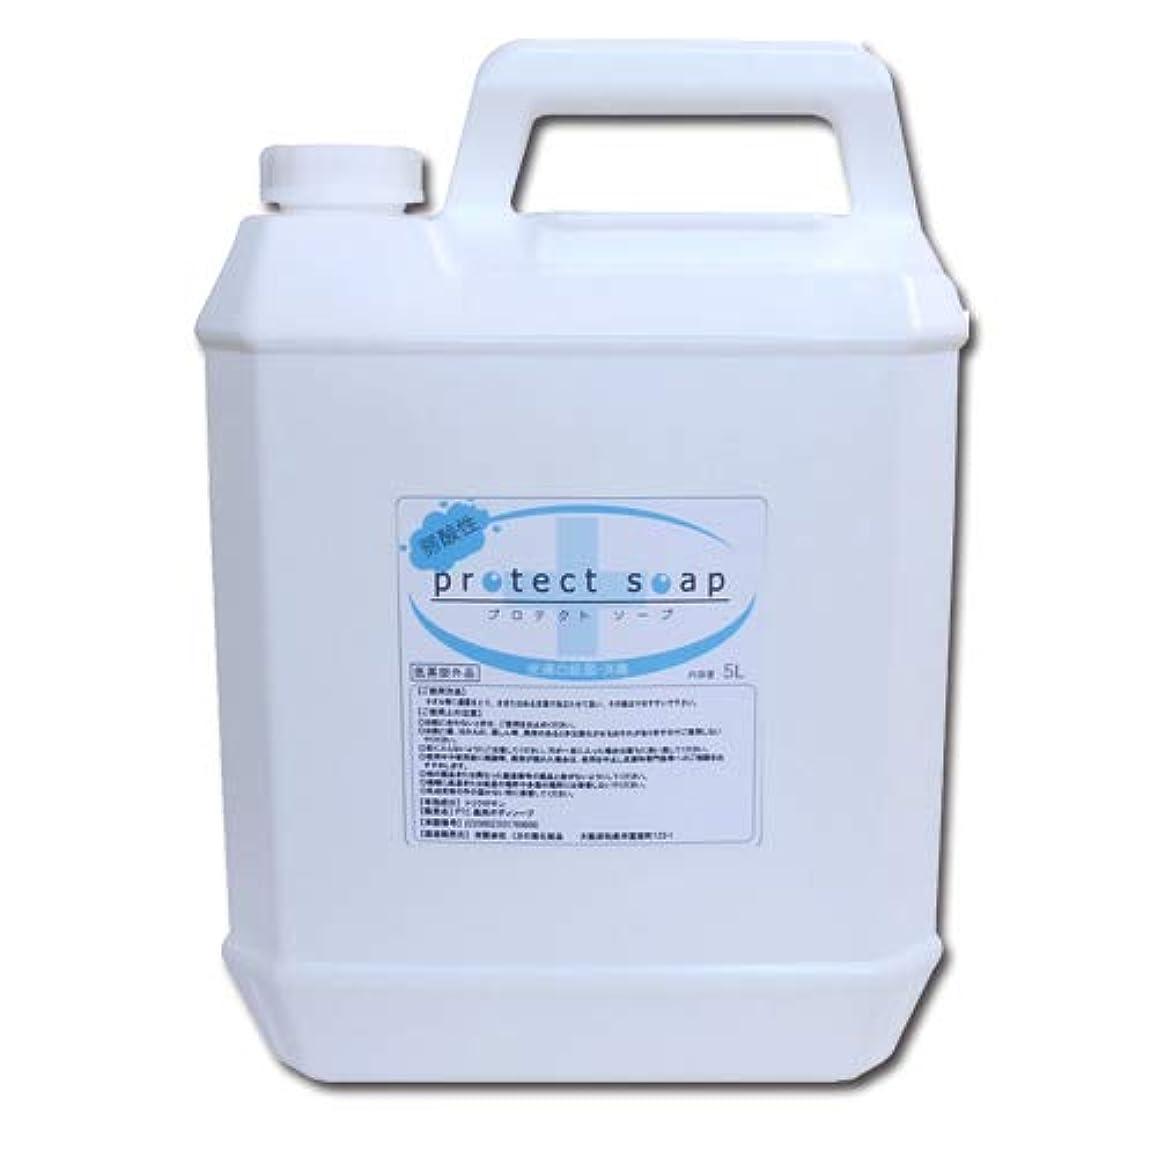 モスクプレビューワット低刺激弱酸性 液体石鹸 プロテクトソープ 5L 業務用│せっけん液 液体せっけん 殺菌?消毒 インフルエンザ?ノロウィルス対策